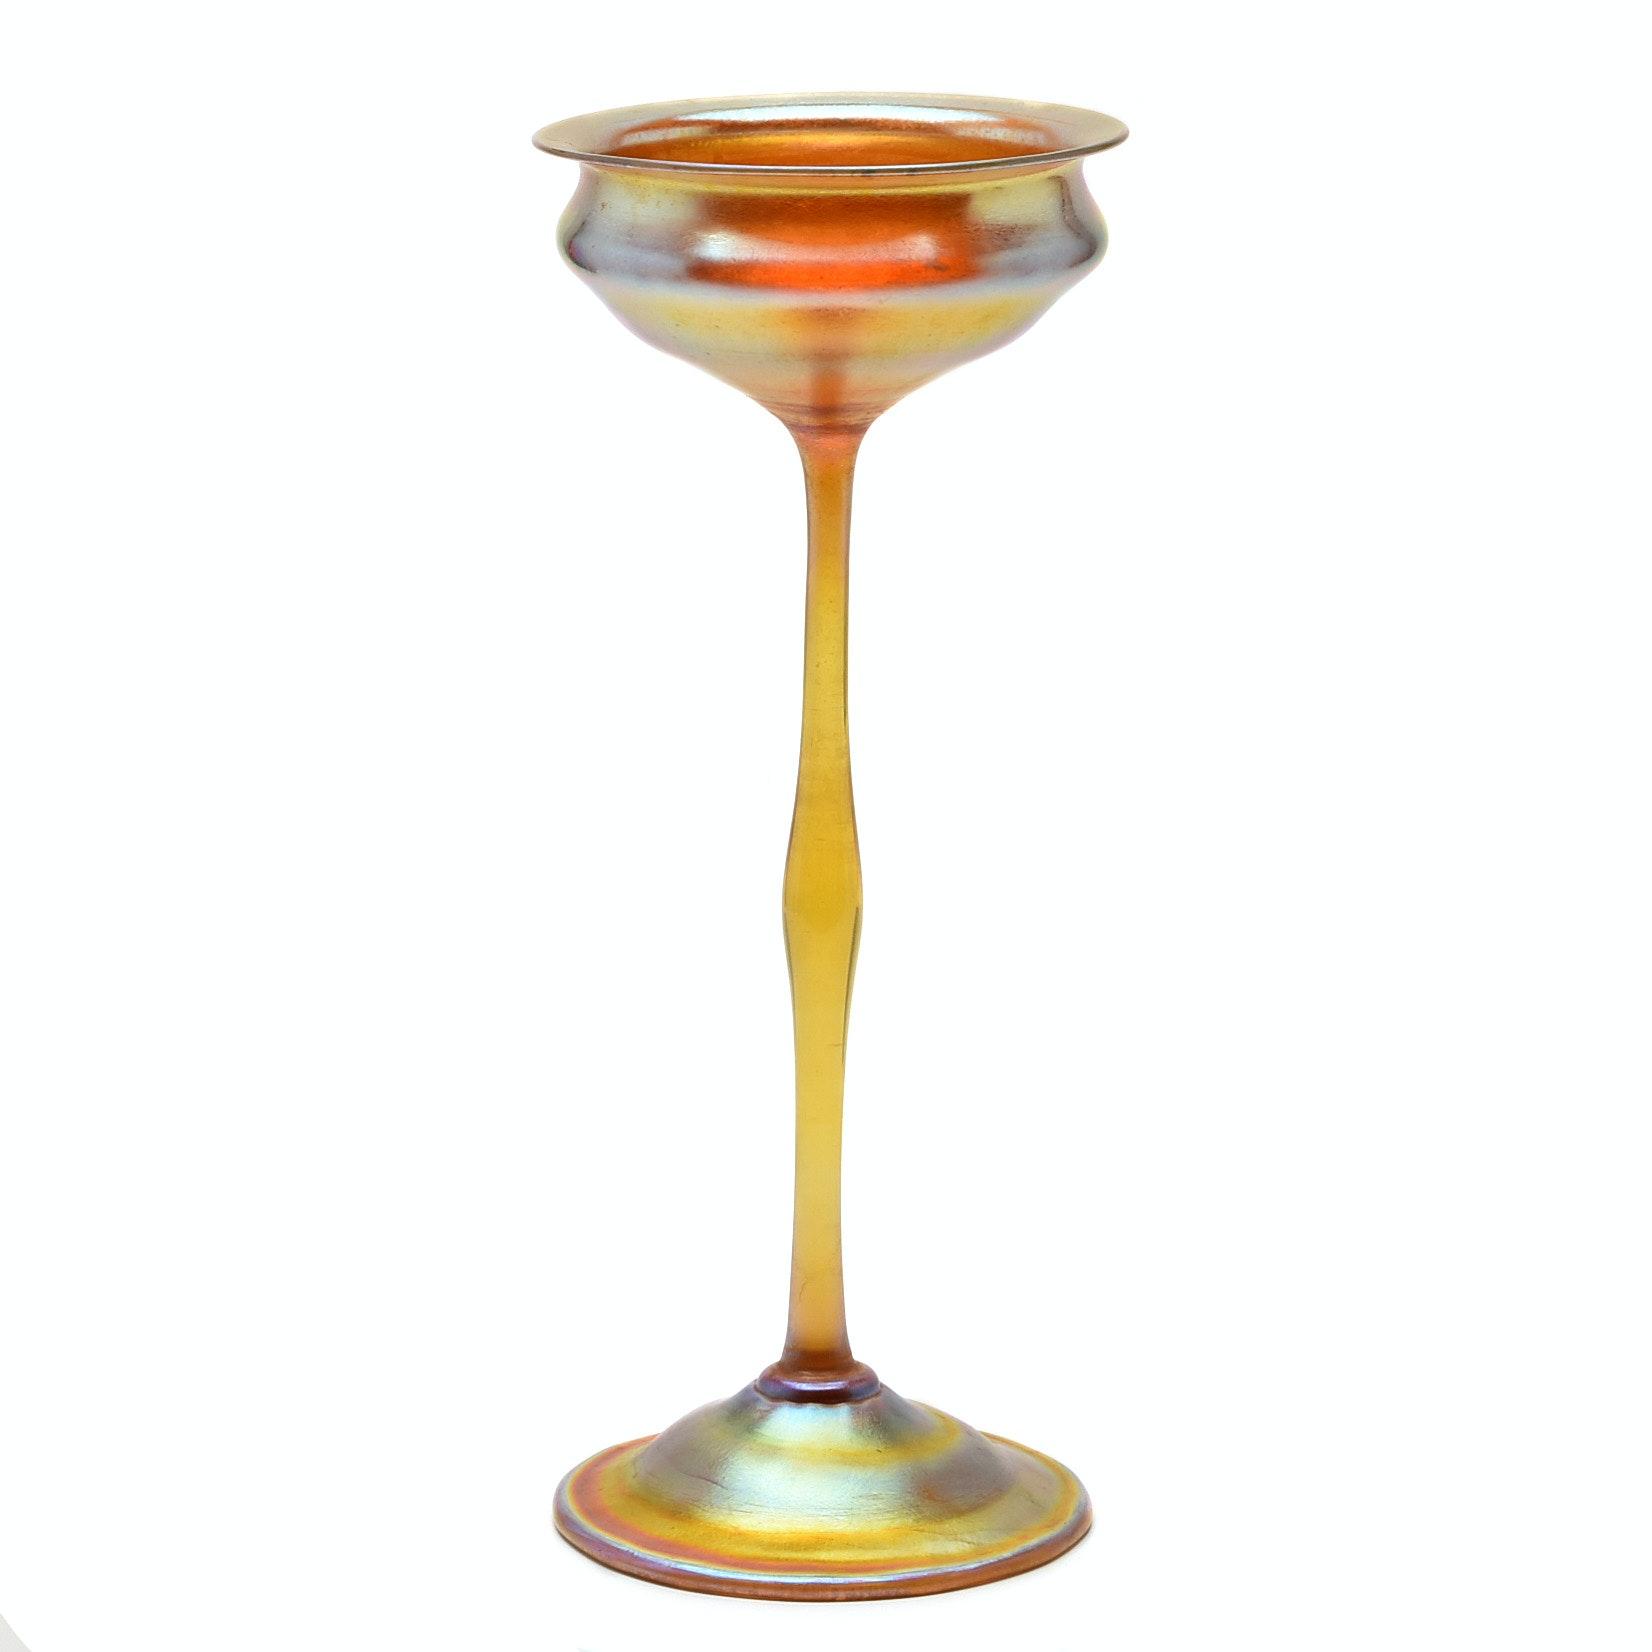 Tiffany Studios Favrile Glass Compote